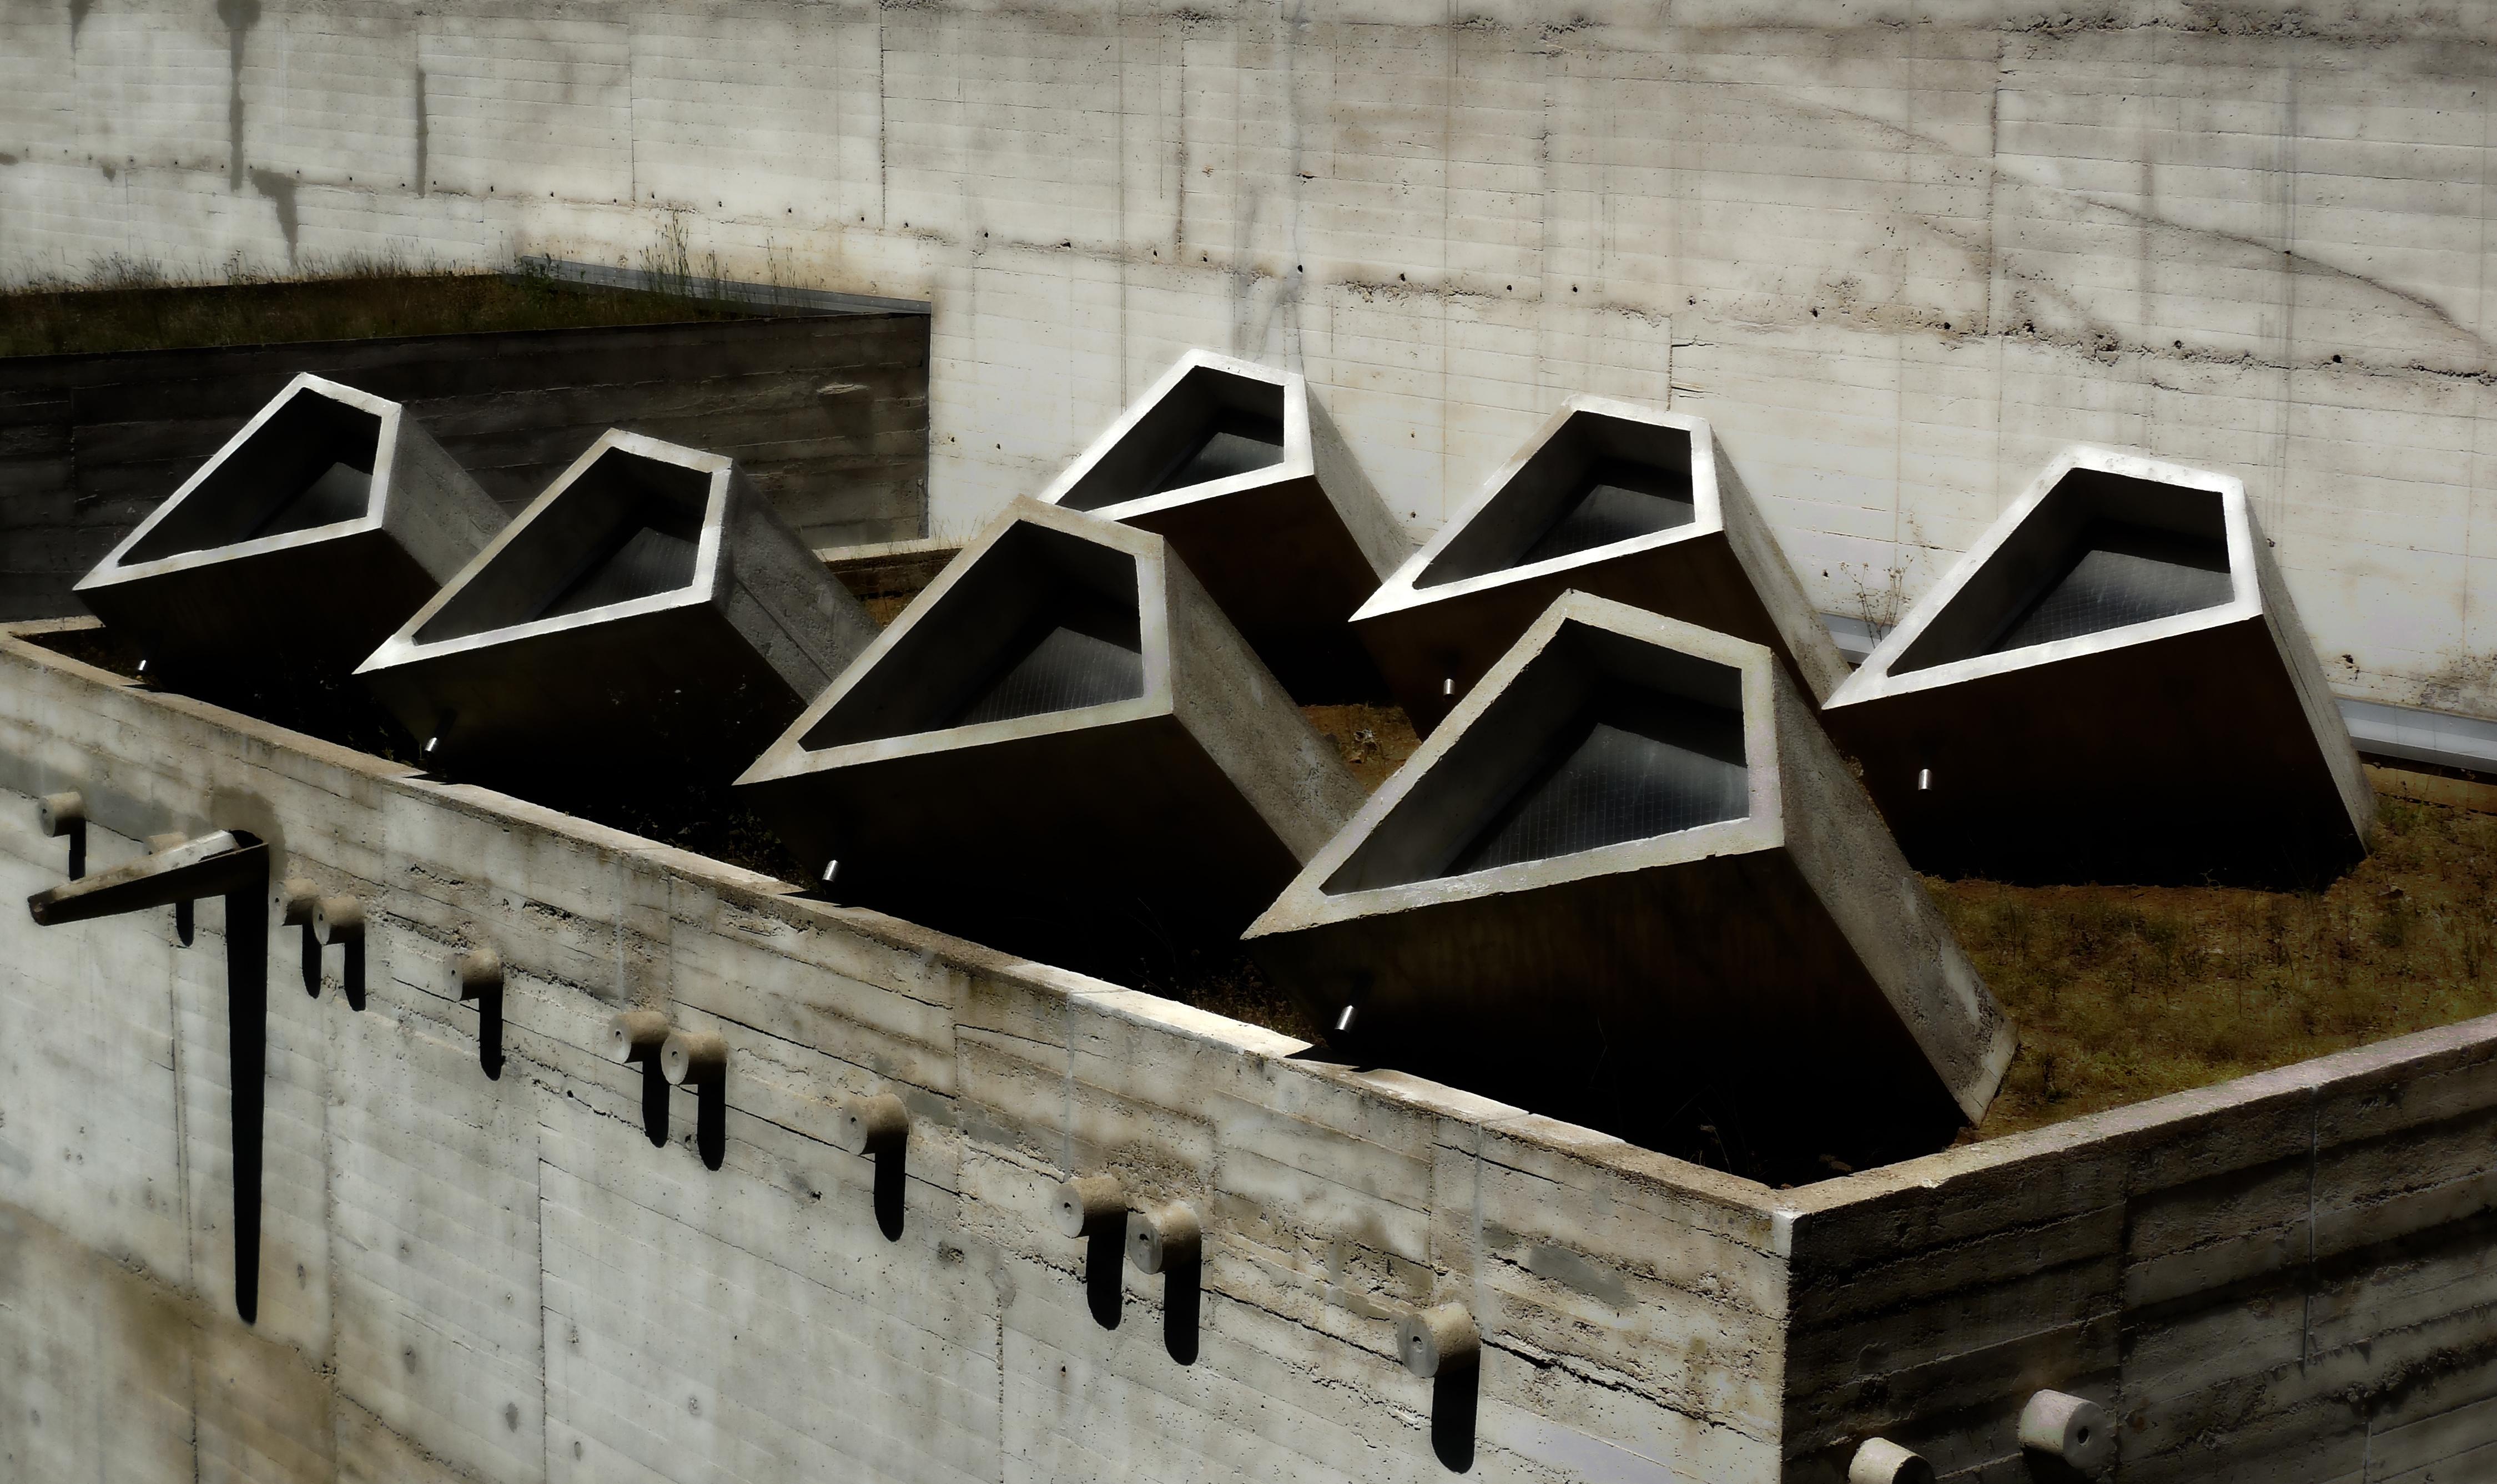 Couvent de la Tourette par Le Corbusier Skylights_at_Couvent_de_La_Tourette